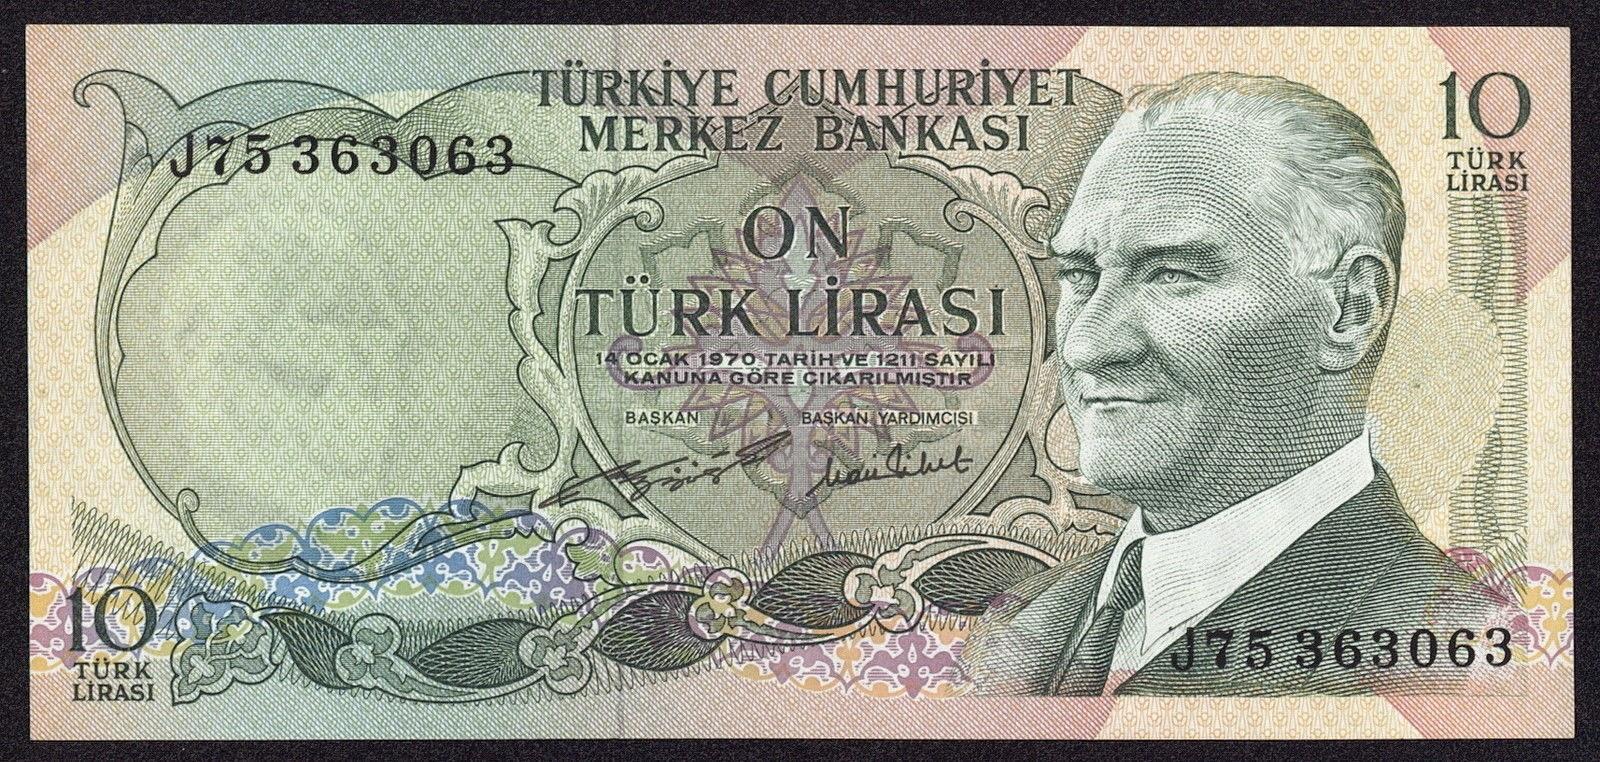 """Turkey Banknotes 10 Türk Lirasi """"Turkish Lira"""" note 1970 Mustafa Kemal Atatürk"""